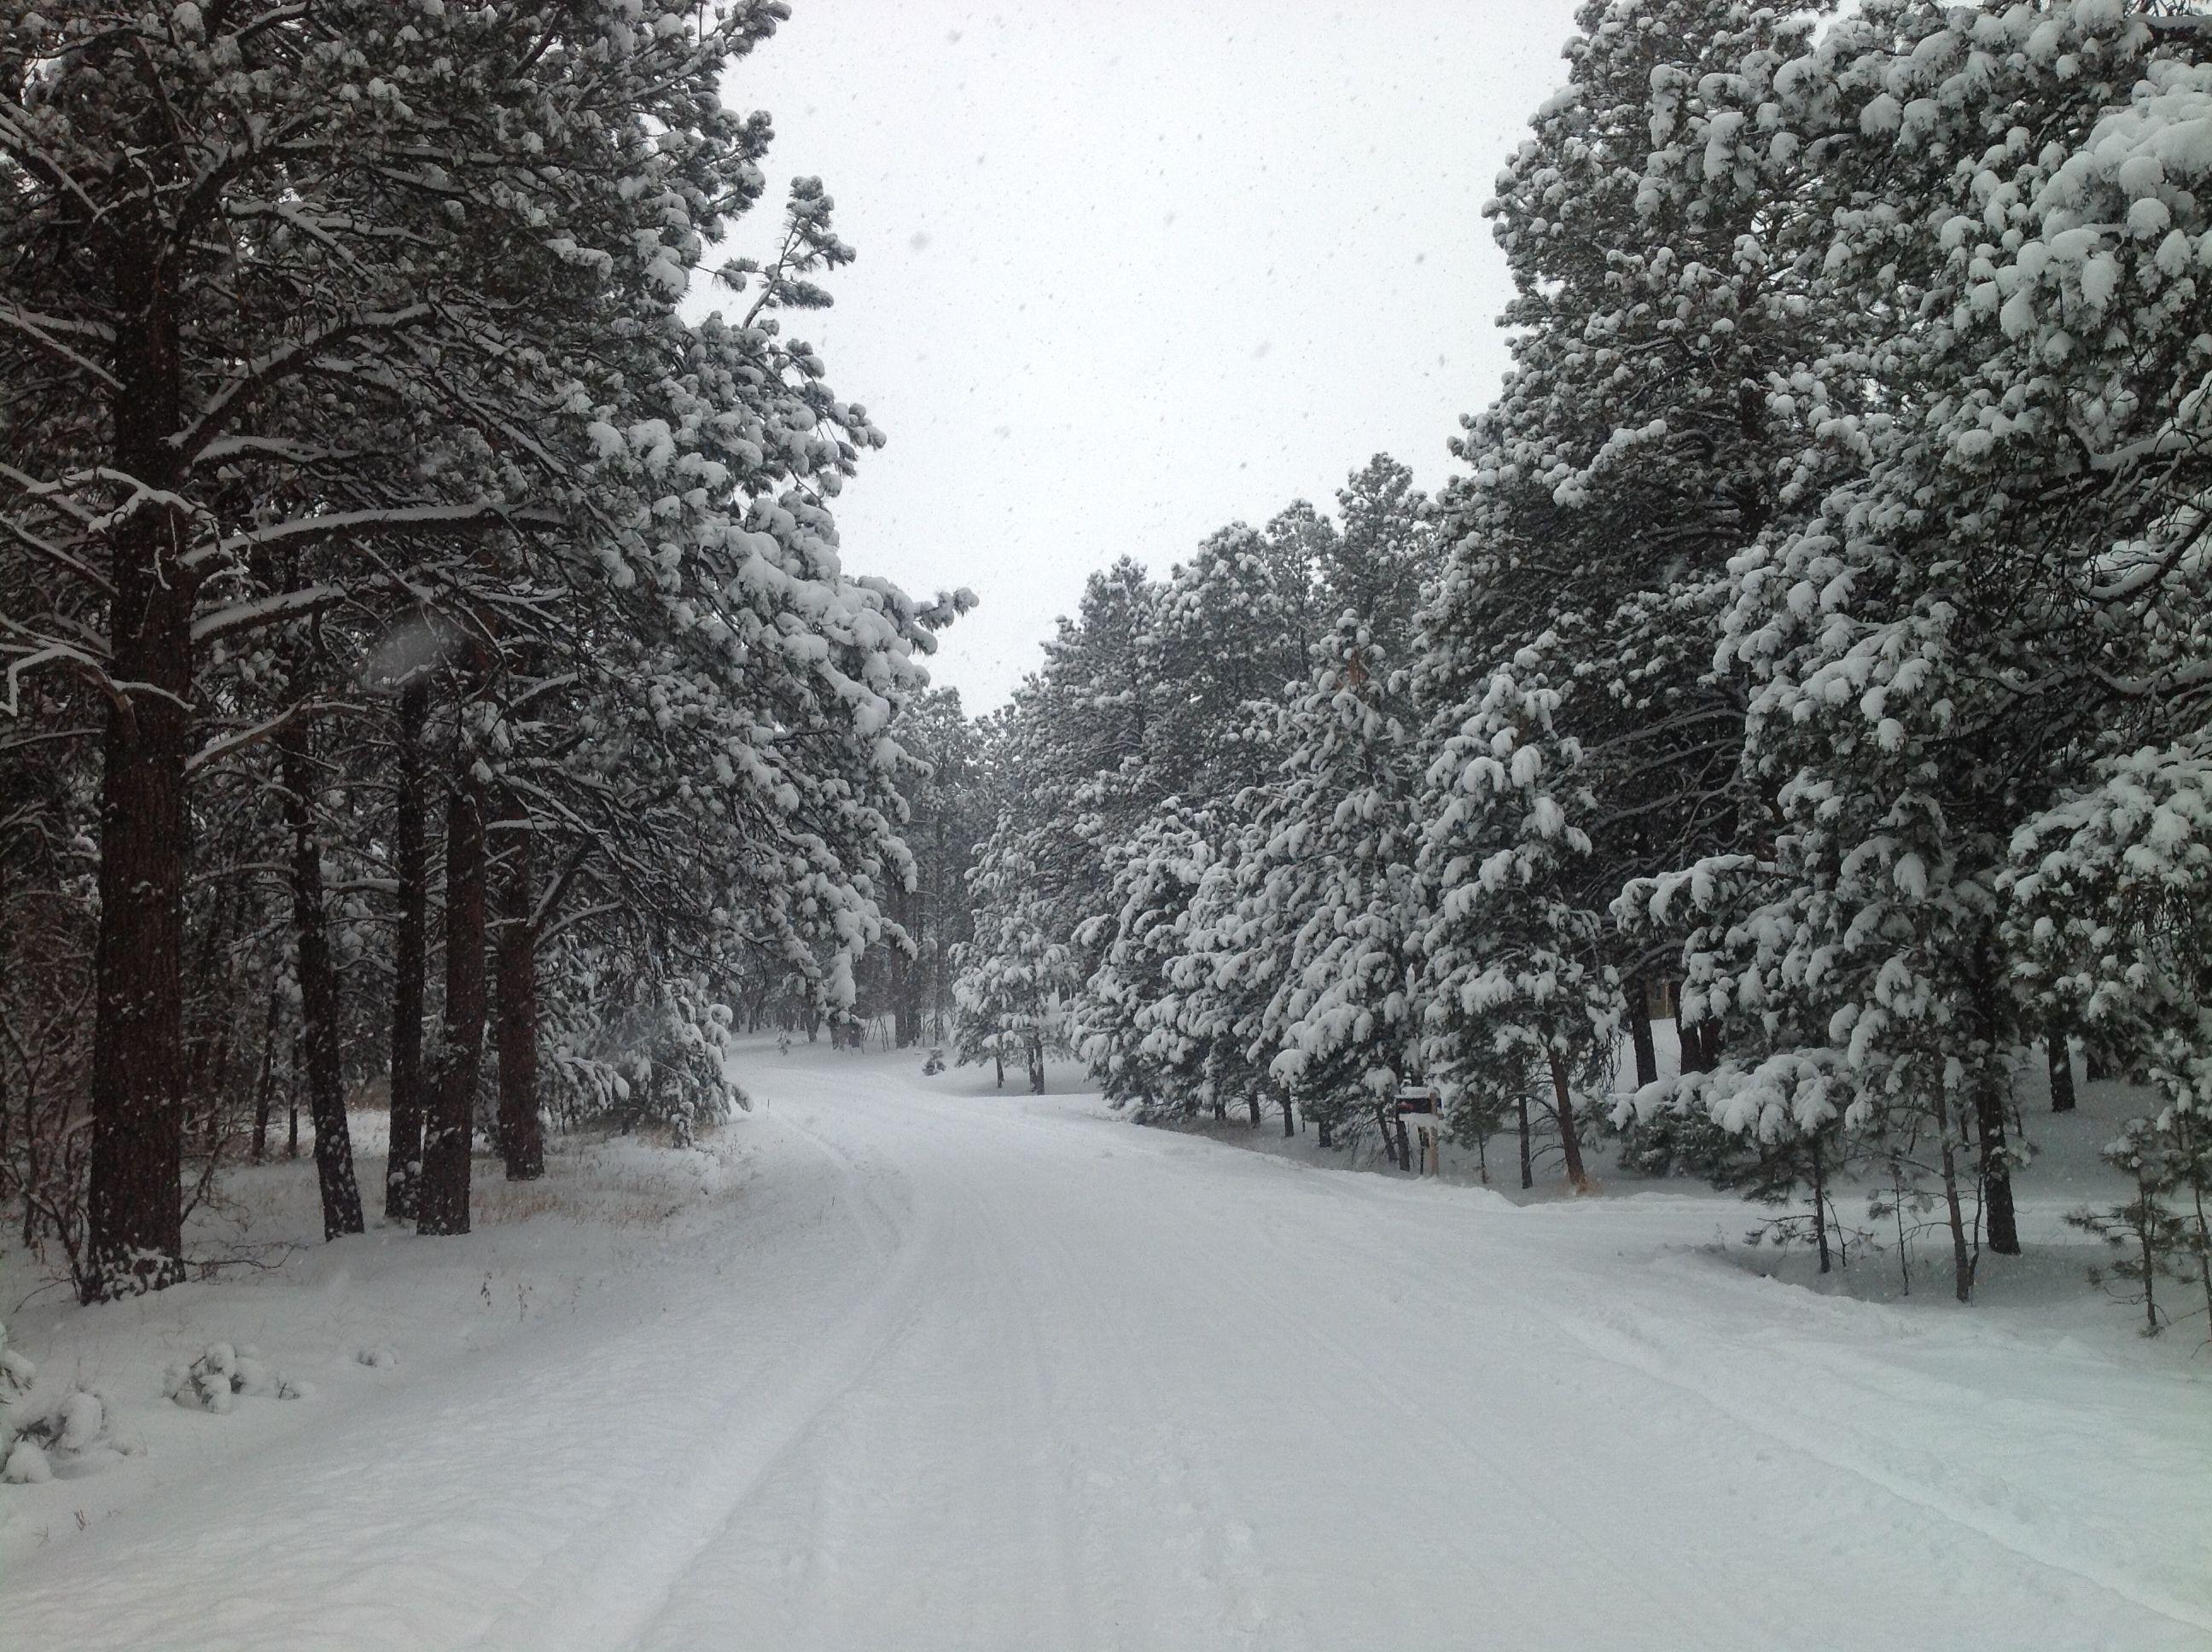 White winter in Colorado